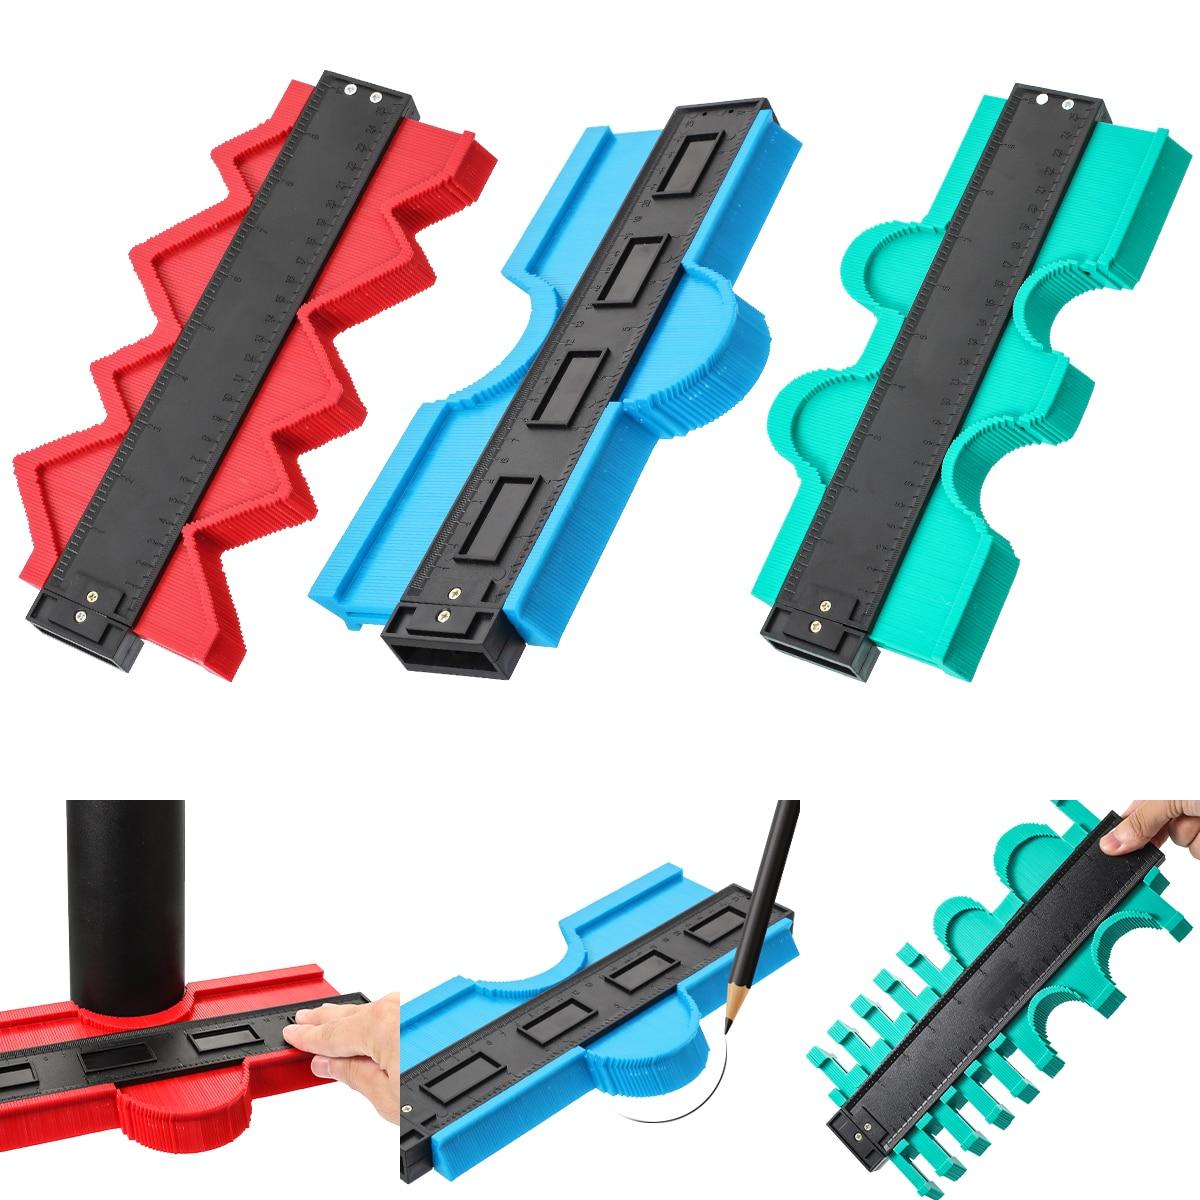 12/14/25/50cm Plastic Contour Gauge Profile Copy Contour Gauges Standard Wood Marking Tool Tiling Laminate Tiles